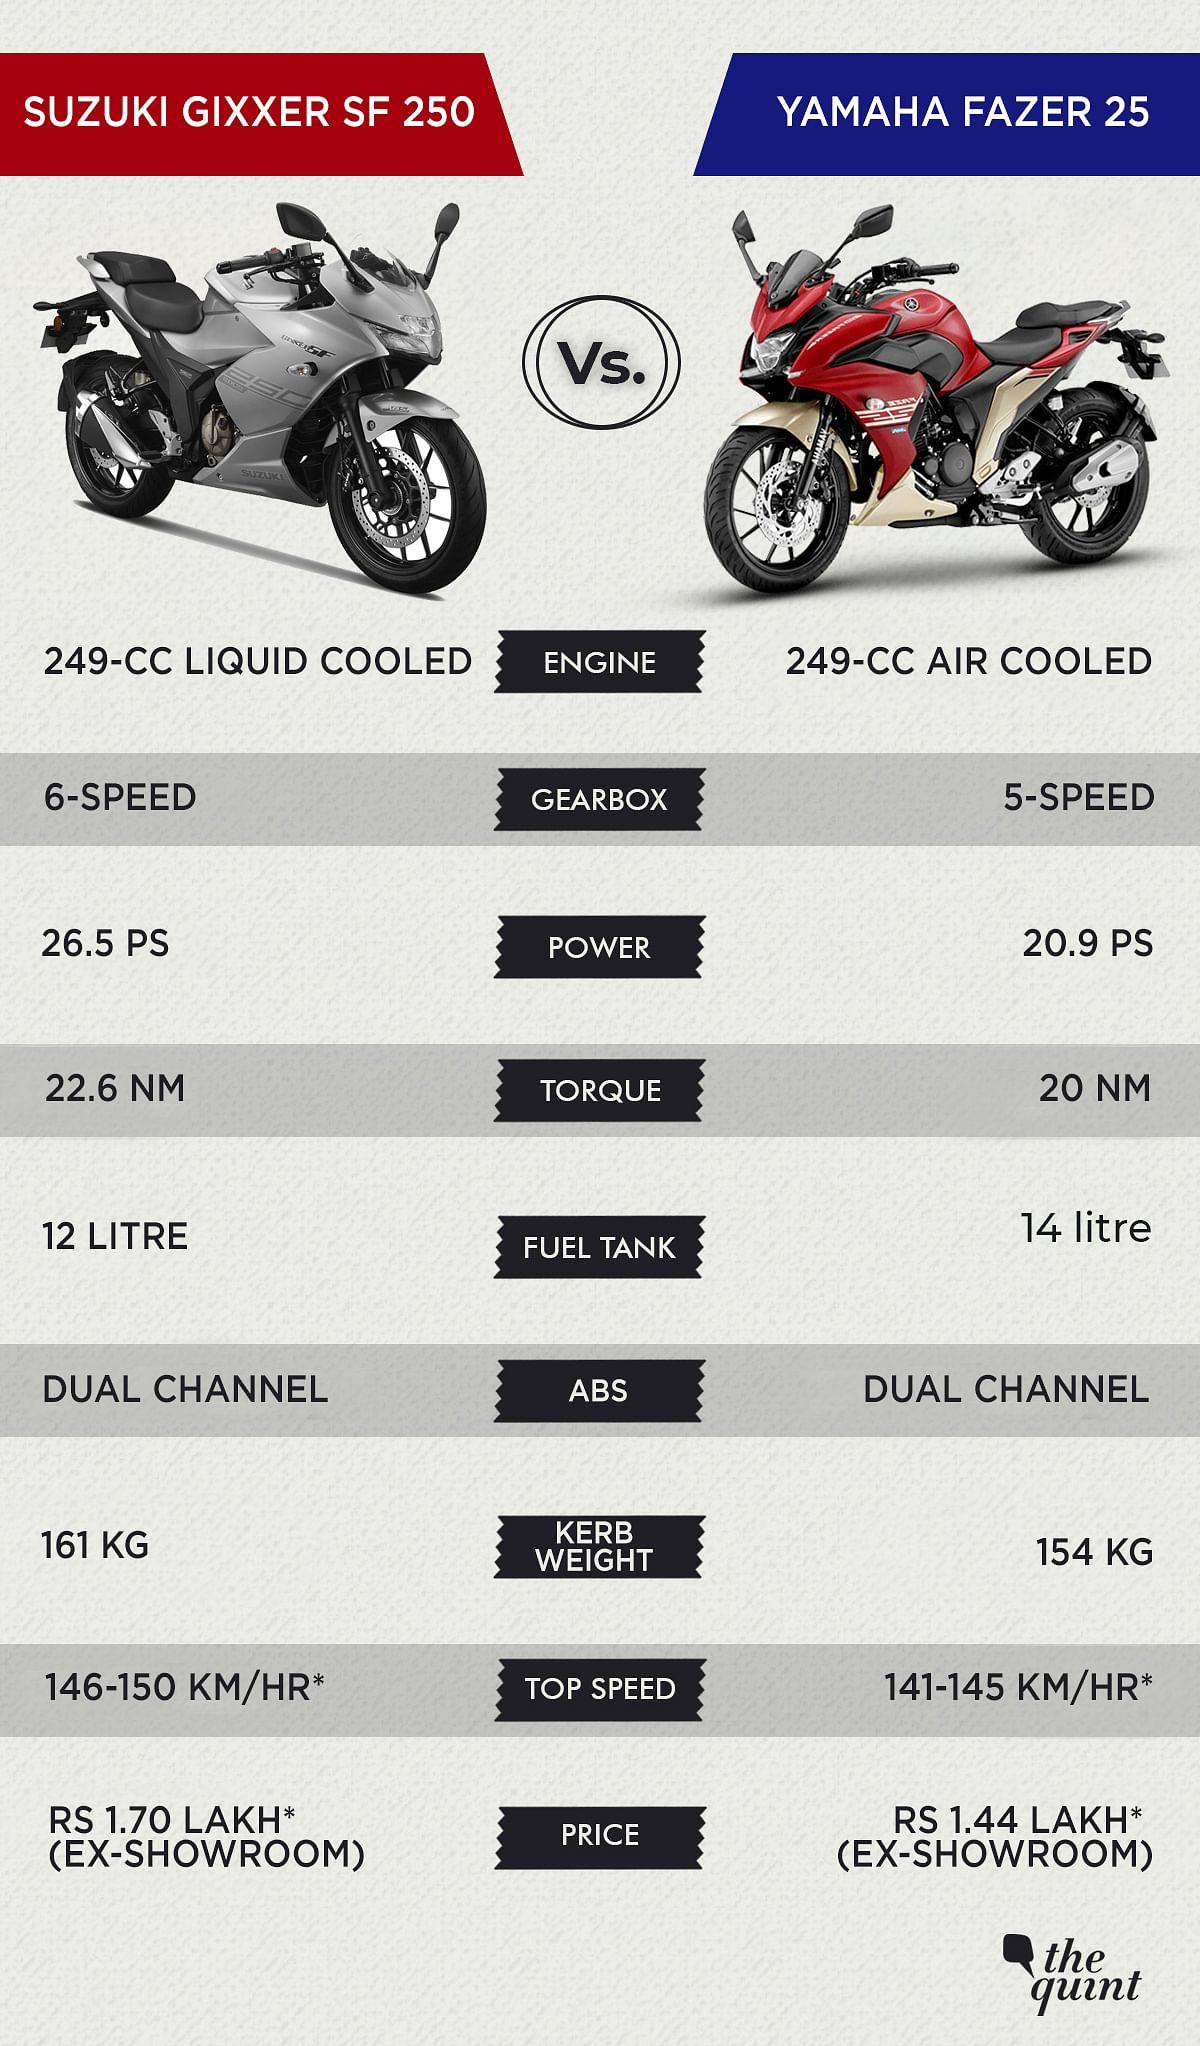 Suzuki Gixxer SF 250 Vs Yamaha Fazer 25:  The Better Choice?